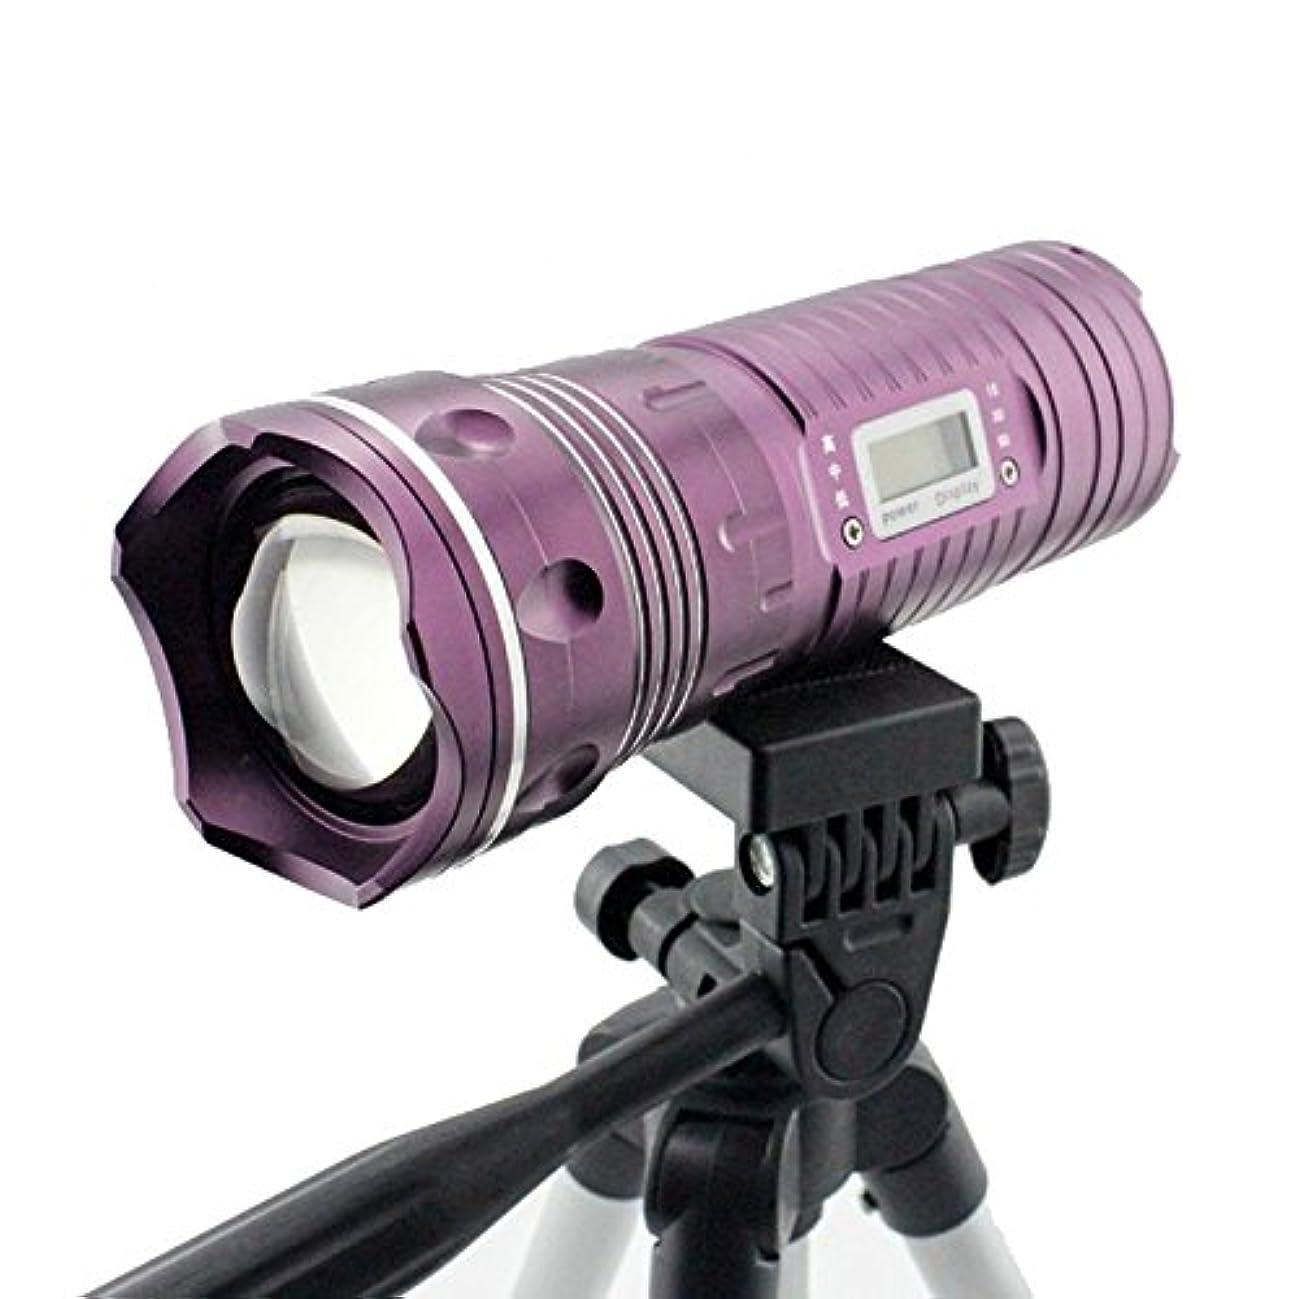 従者ソビエト上院議員三脚のバッテリーでは6000ルーメンプロフェッショナル夜釣りの懐中電灯ブルーライト白色光の魚ランプ点灯